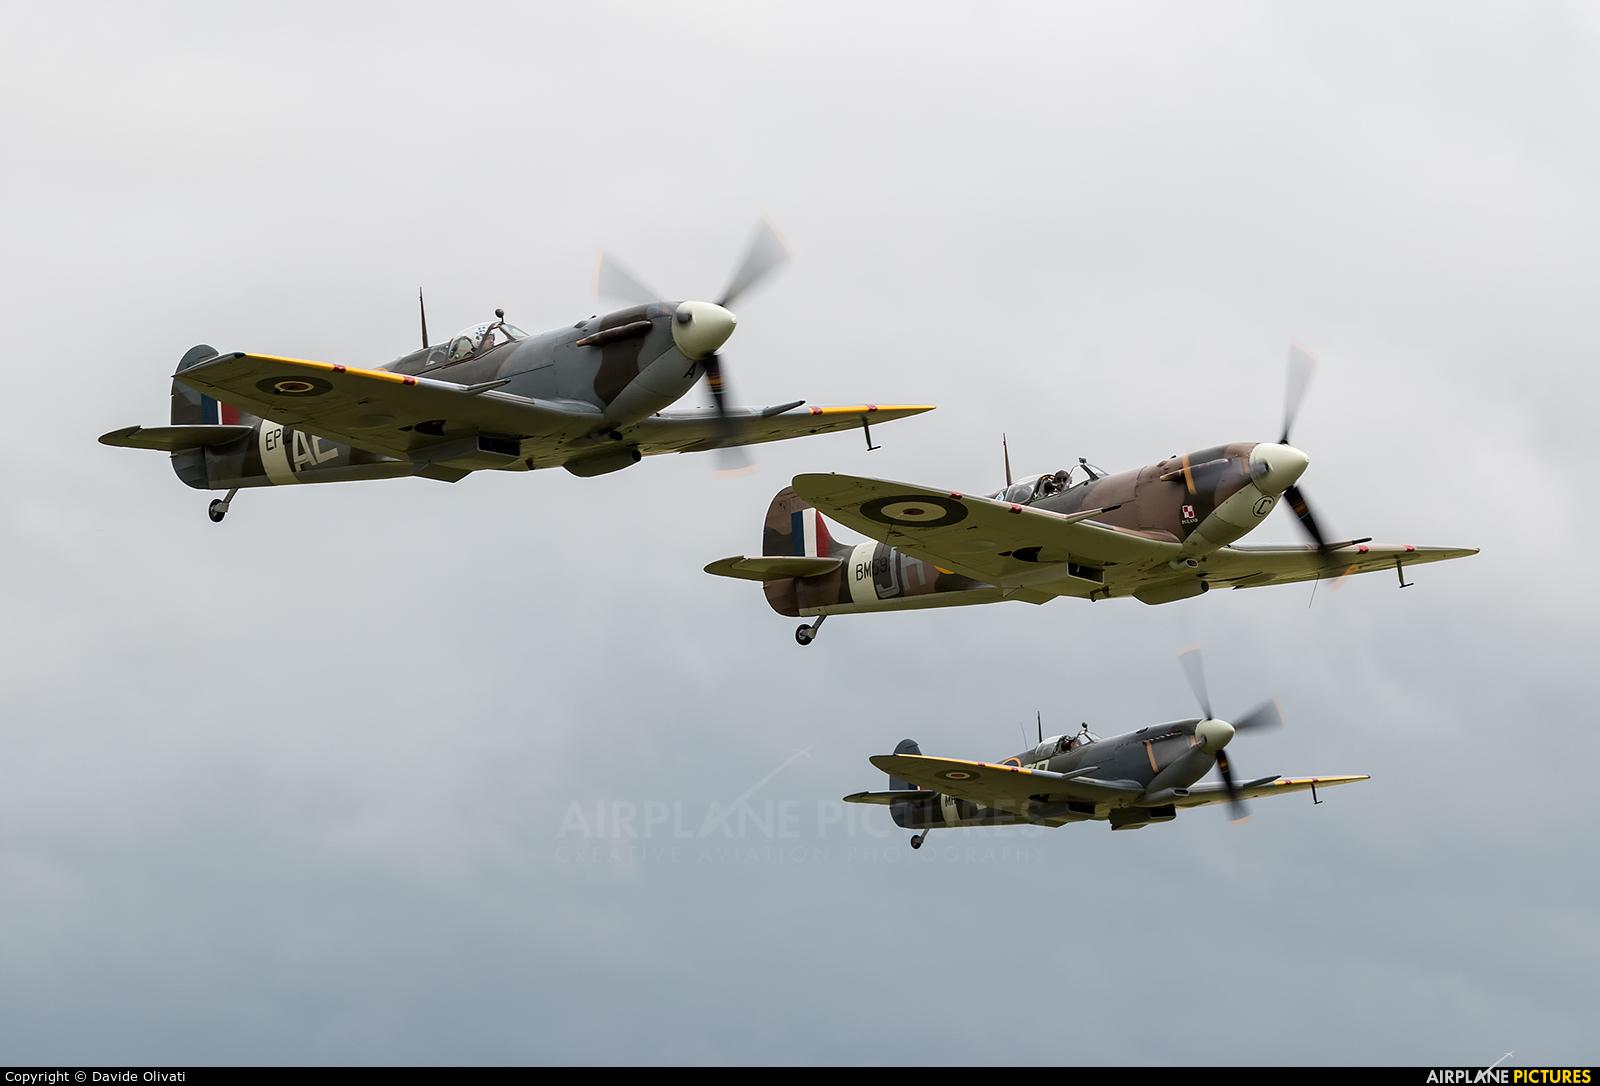 Patina G-LFVB aircraft at Duxford